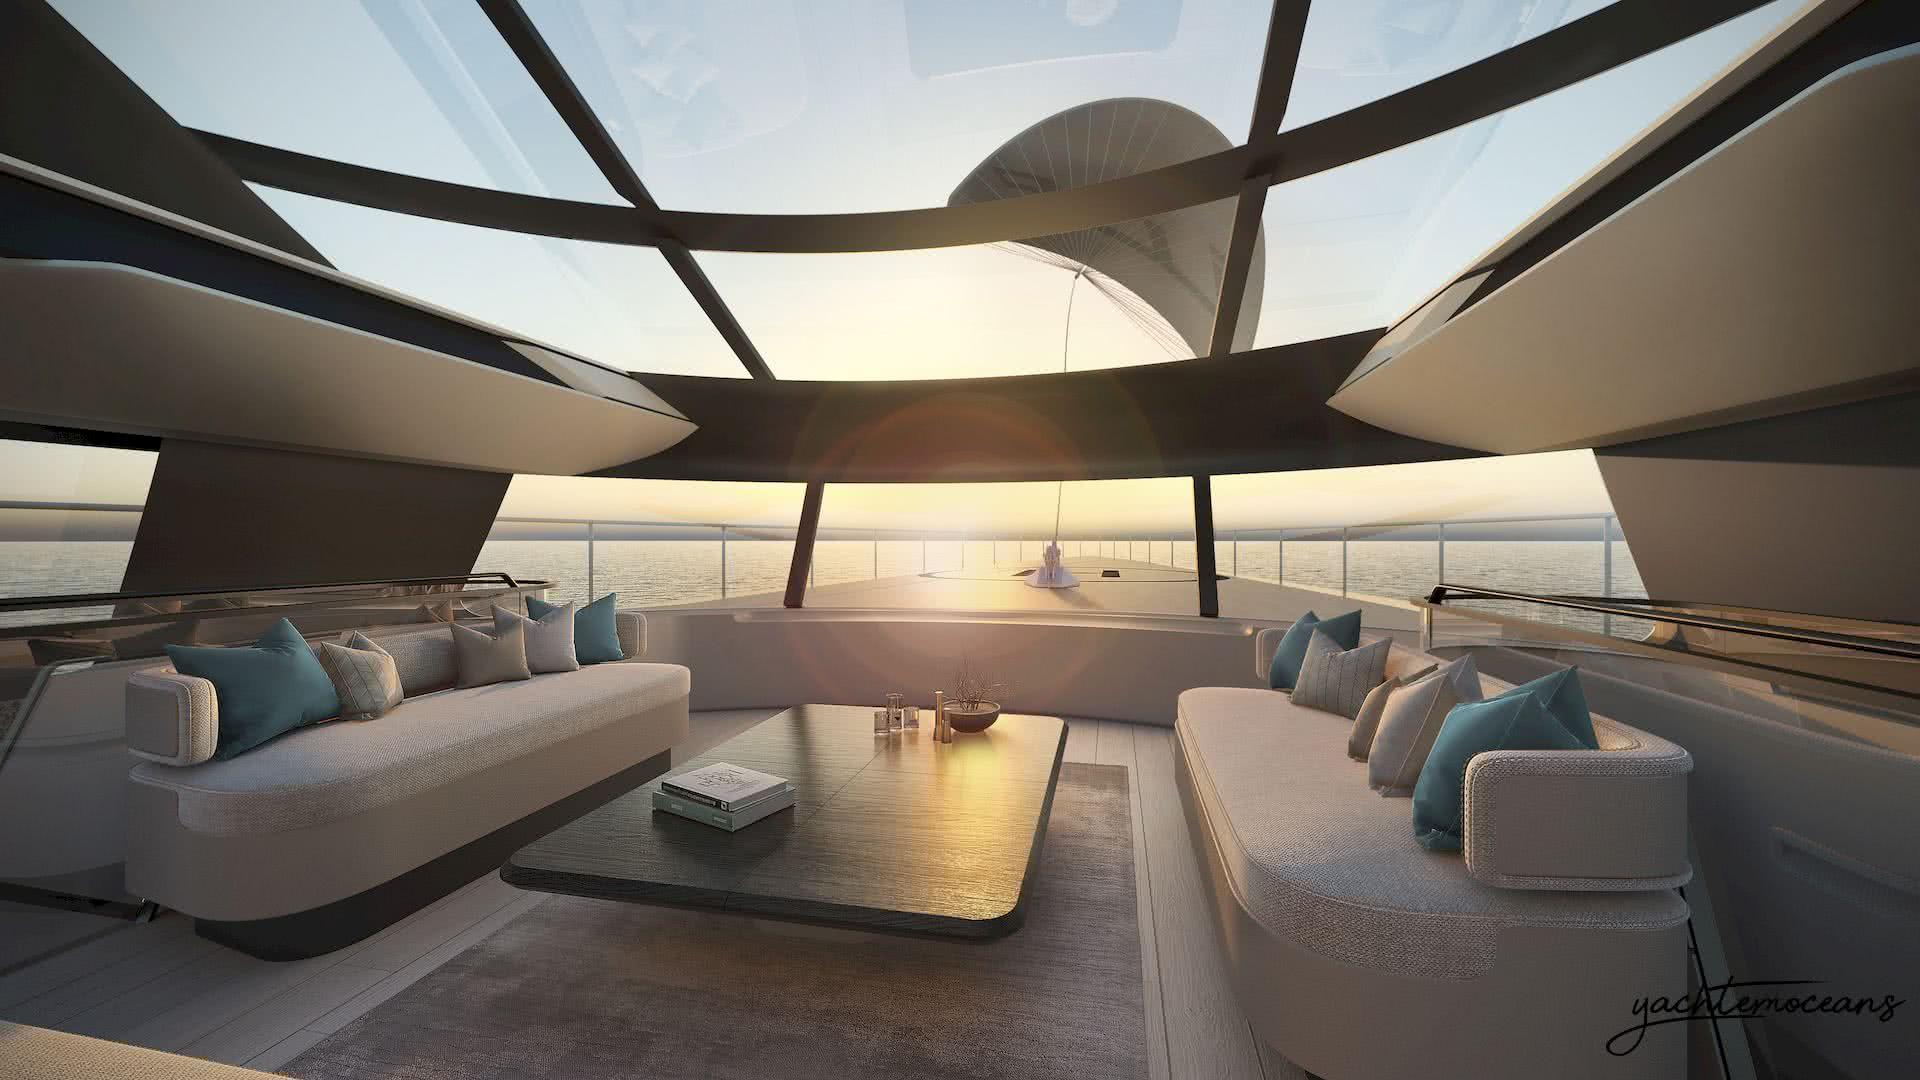 Ice Kite Lounge